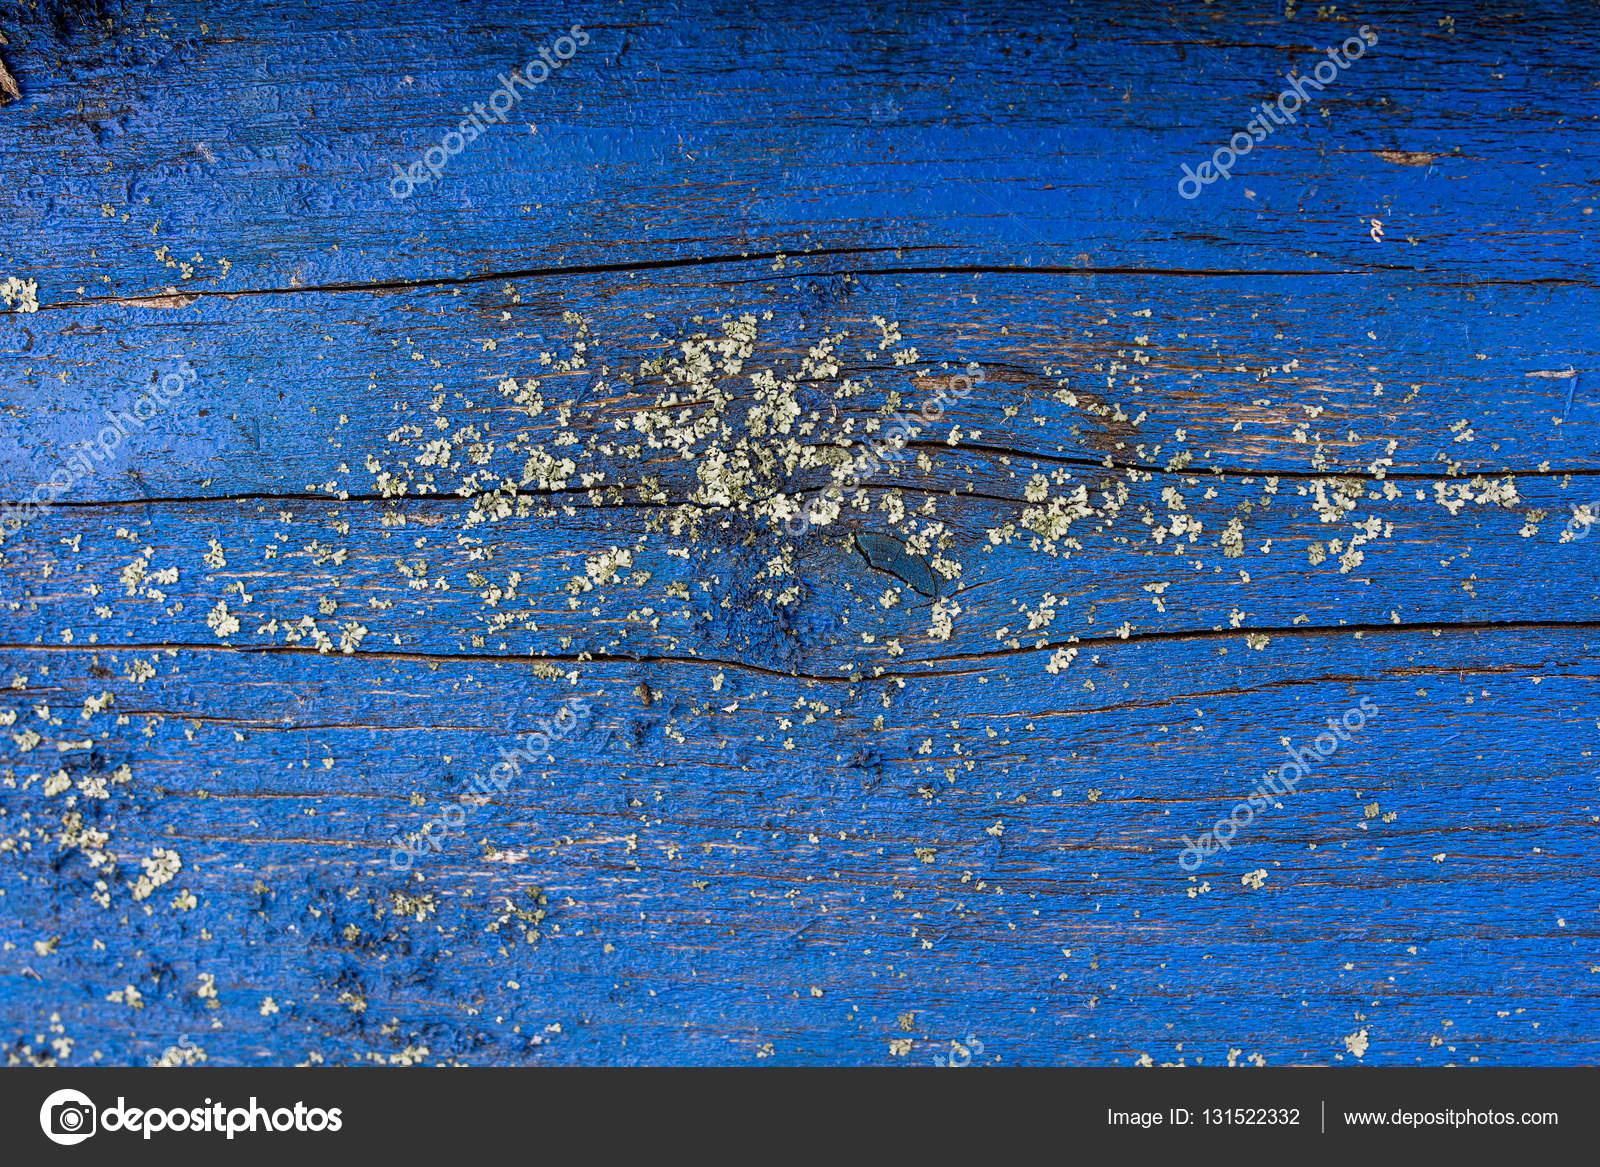 Texture De Vieux Bois Avec Peinture Bleu Usé Vintage Fond